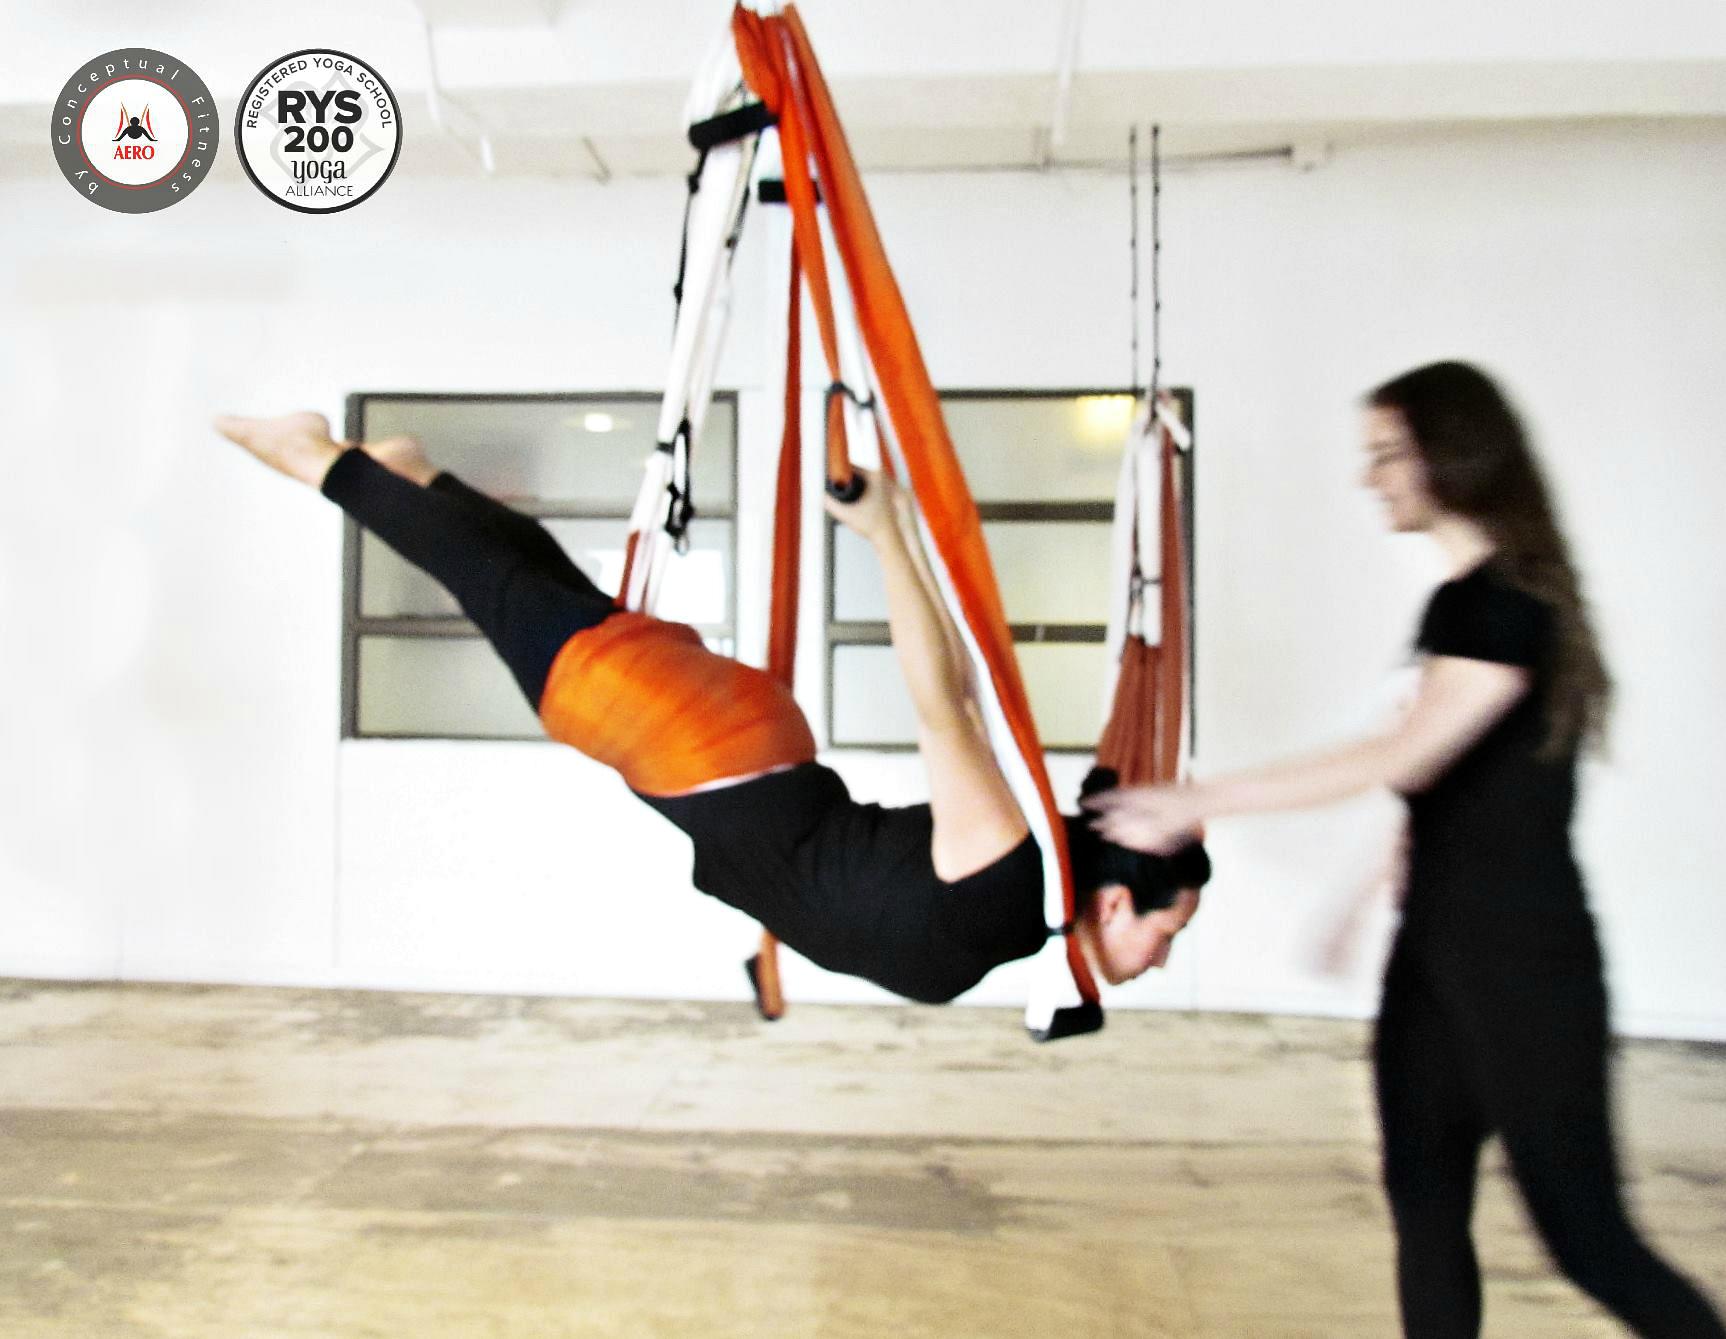 Yoga Aéreo, Descubre el Programa Nuevos Cursos AeroYoga ® International